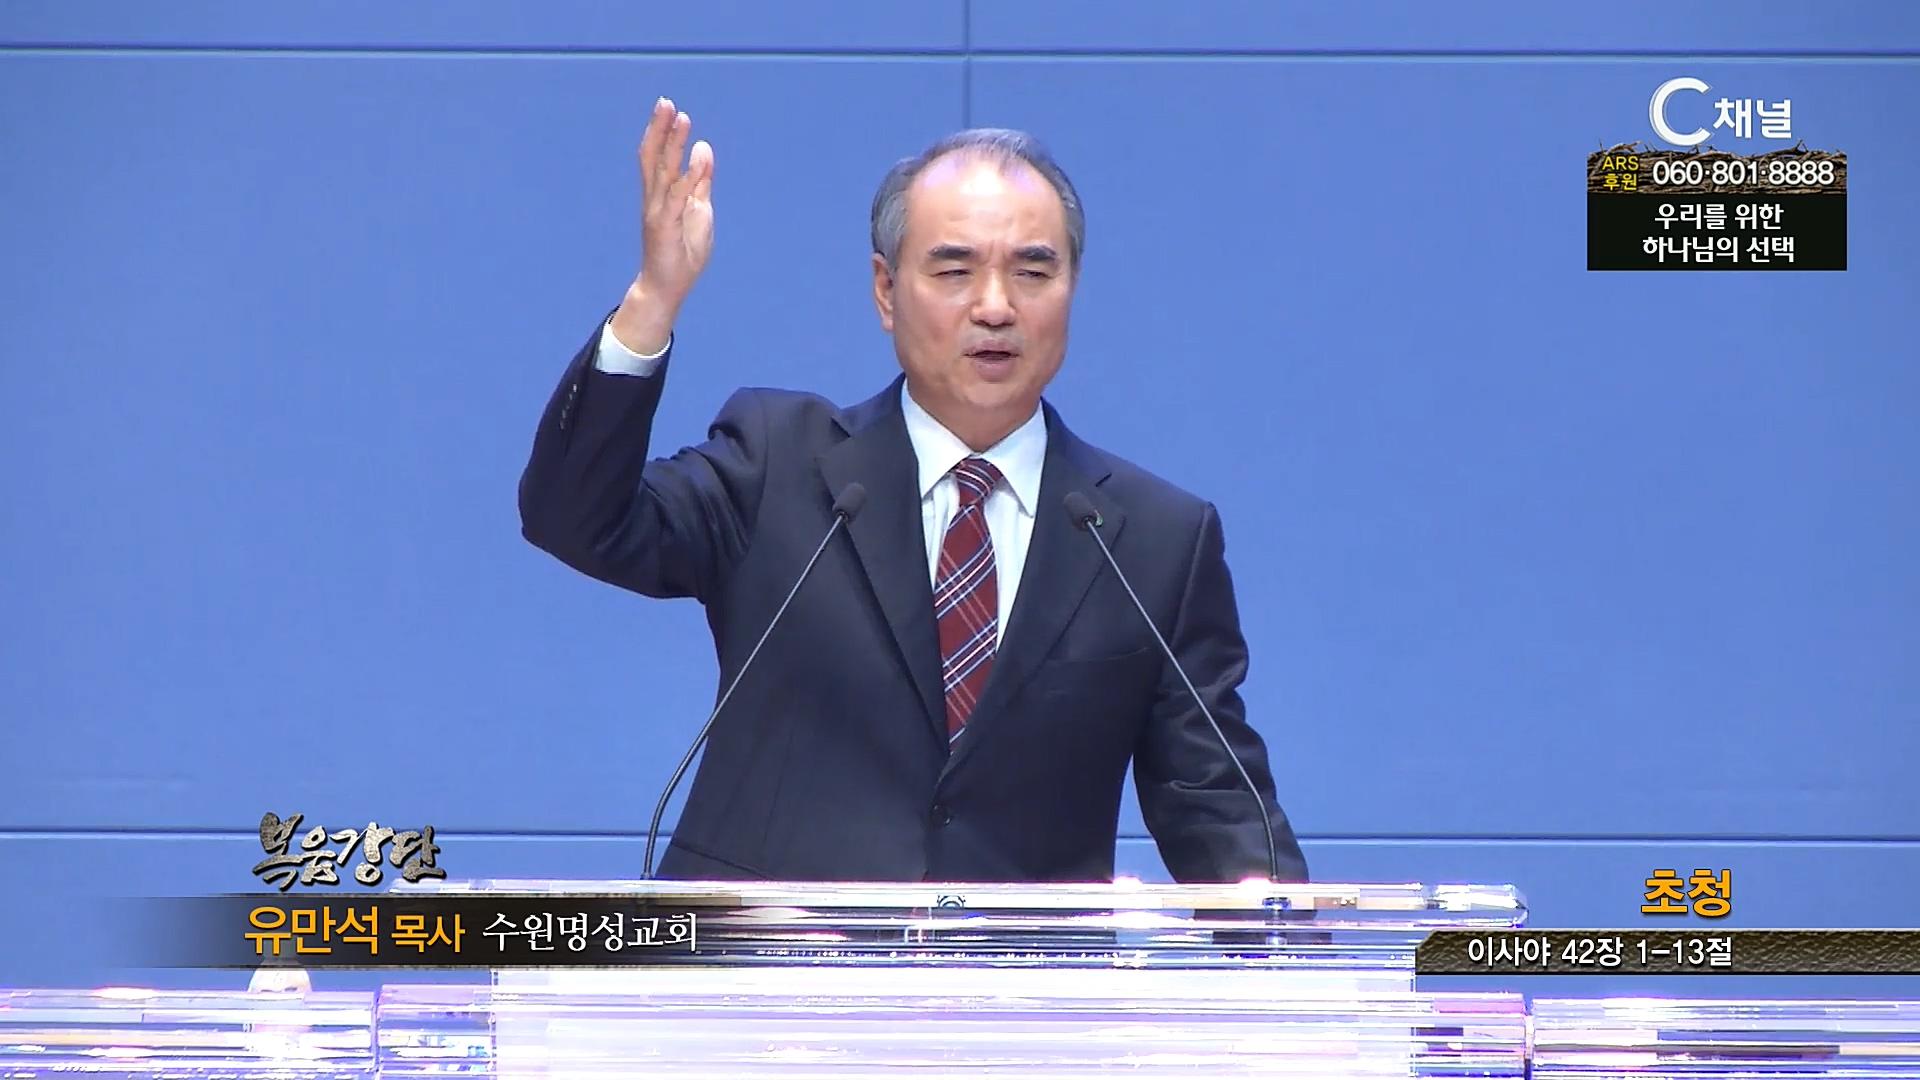 수원명성교회 유만석 목사 - 초청